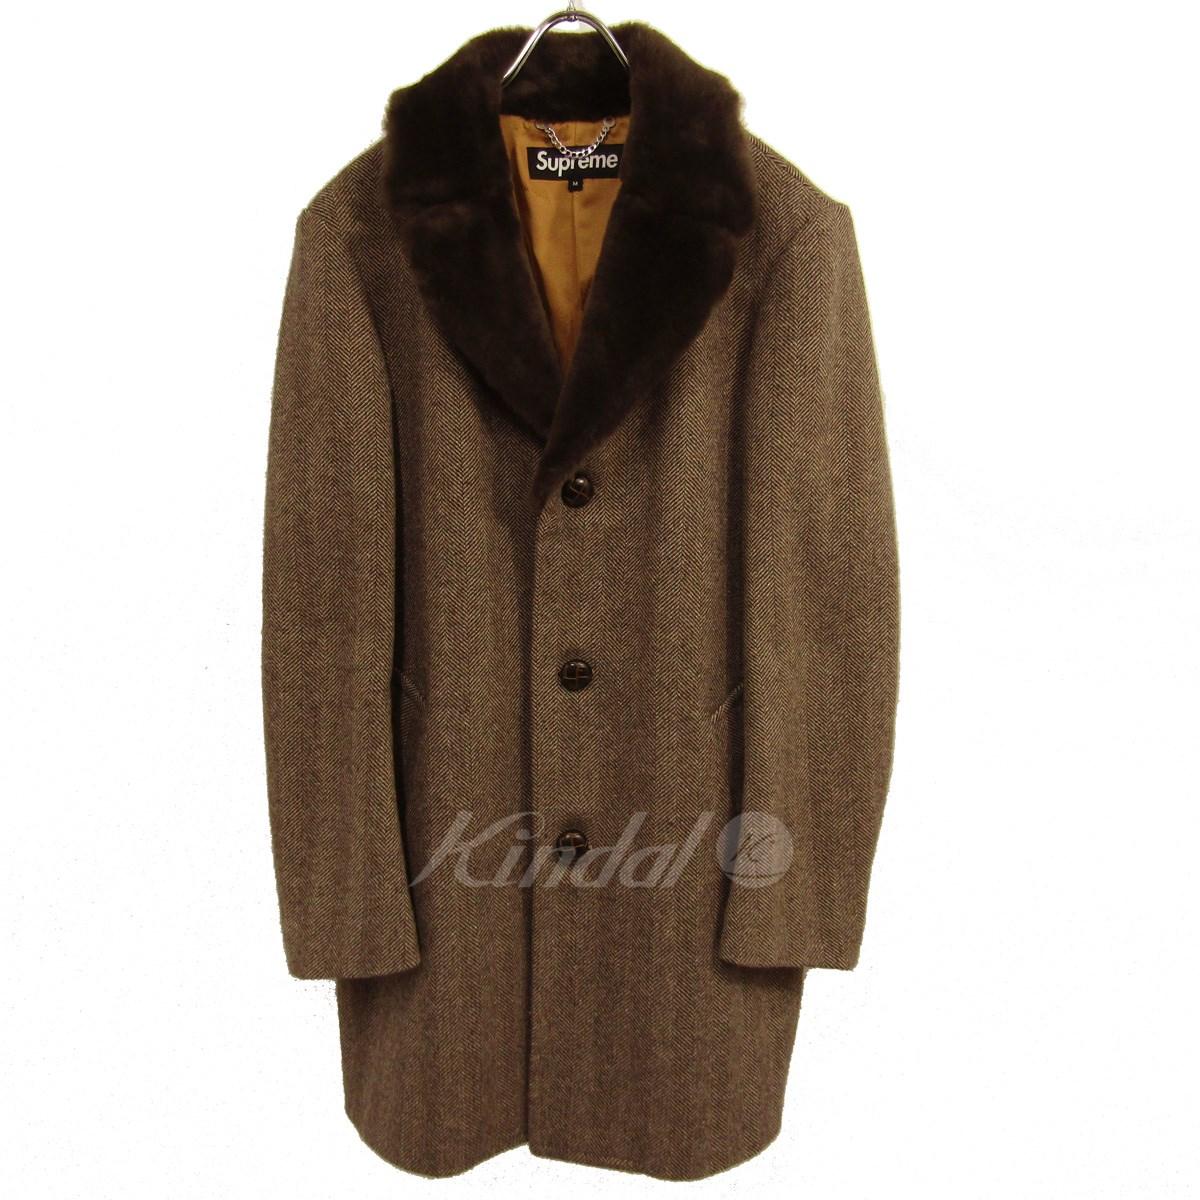 中古 SUPREME 2015AW Fur Collar Tweed Coat 超激安特価 シュプリーム 送料無料 ウールチェスターコート 即納送料無料 ボア サイズ:M 190319 ブラウン